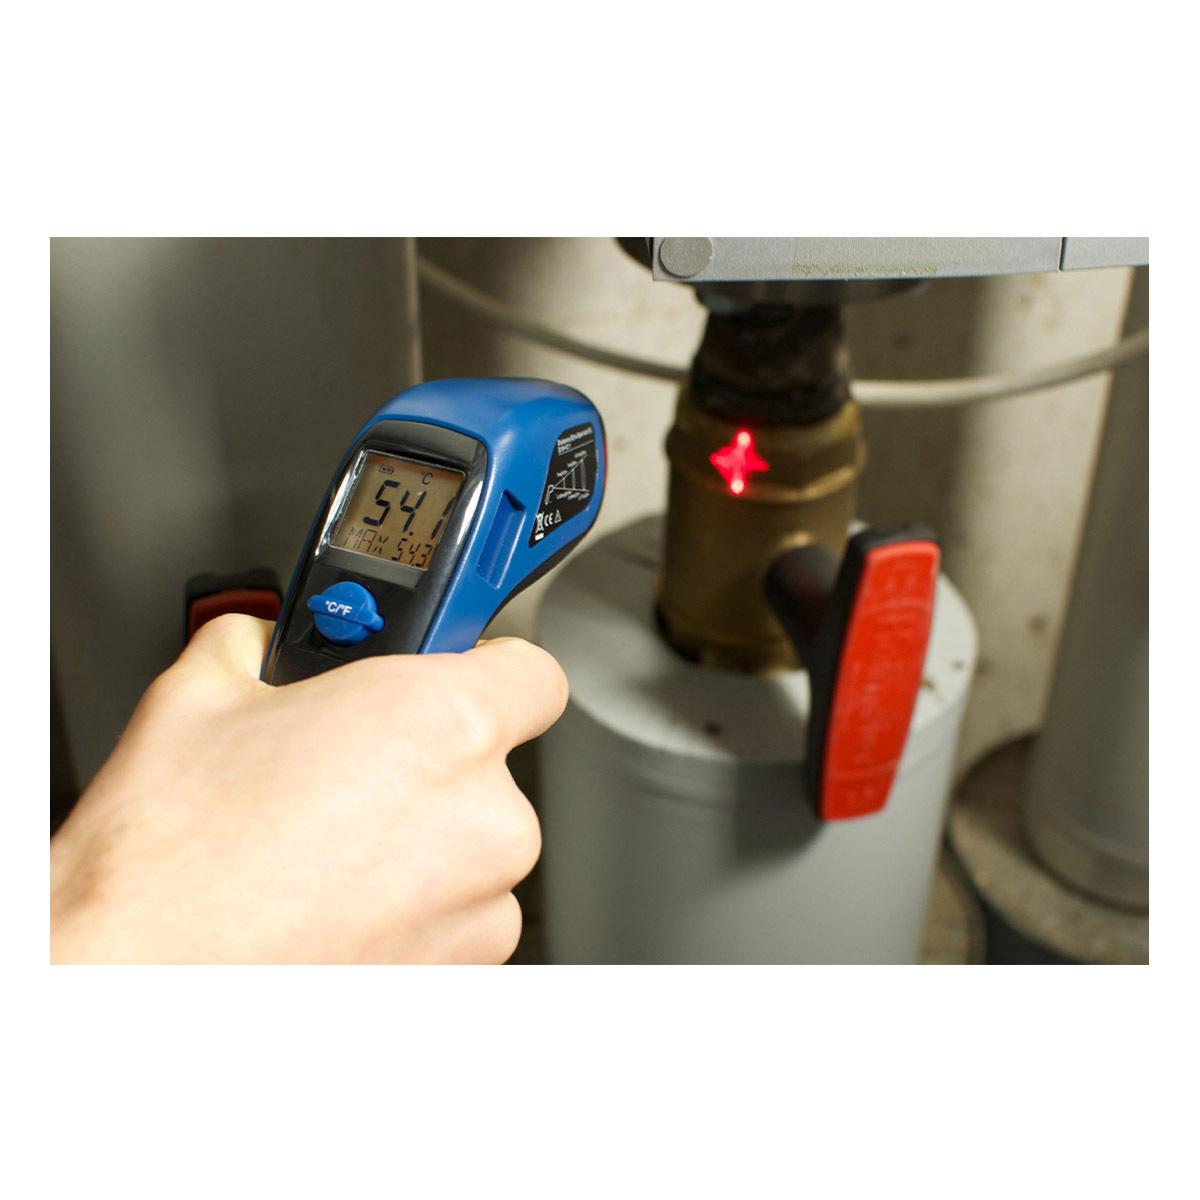 31-1131-infrarot-thermometer-multi-beam-anwendung3-1200x1200px.jpg